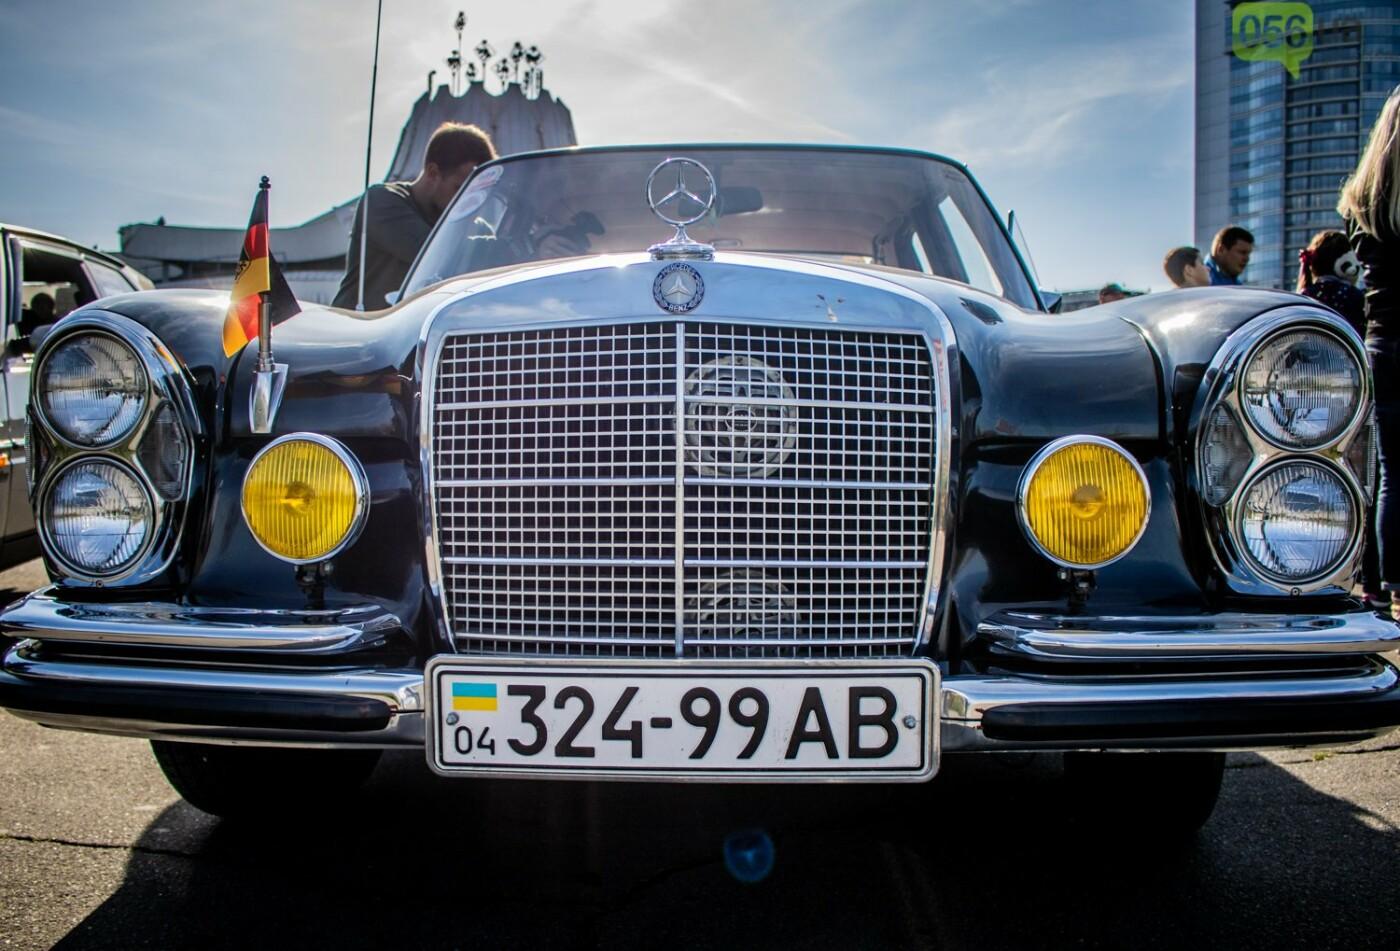 «Реставрация – это недешевое хобби»: как в Днепре проходит встреча владельцев ретро-автомобилей, - ФОТОРЕПОРТАЖ, фото-4